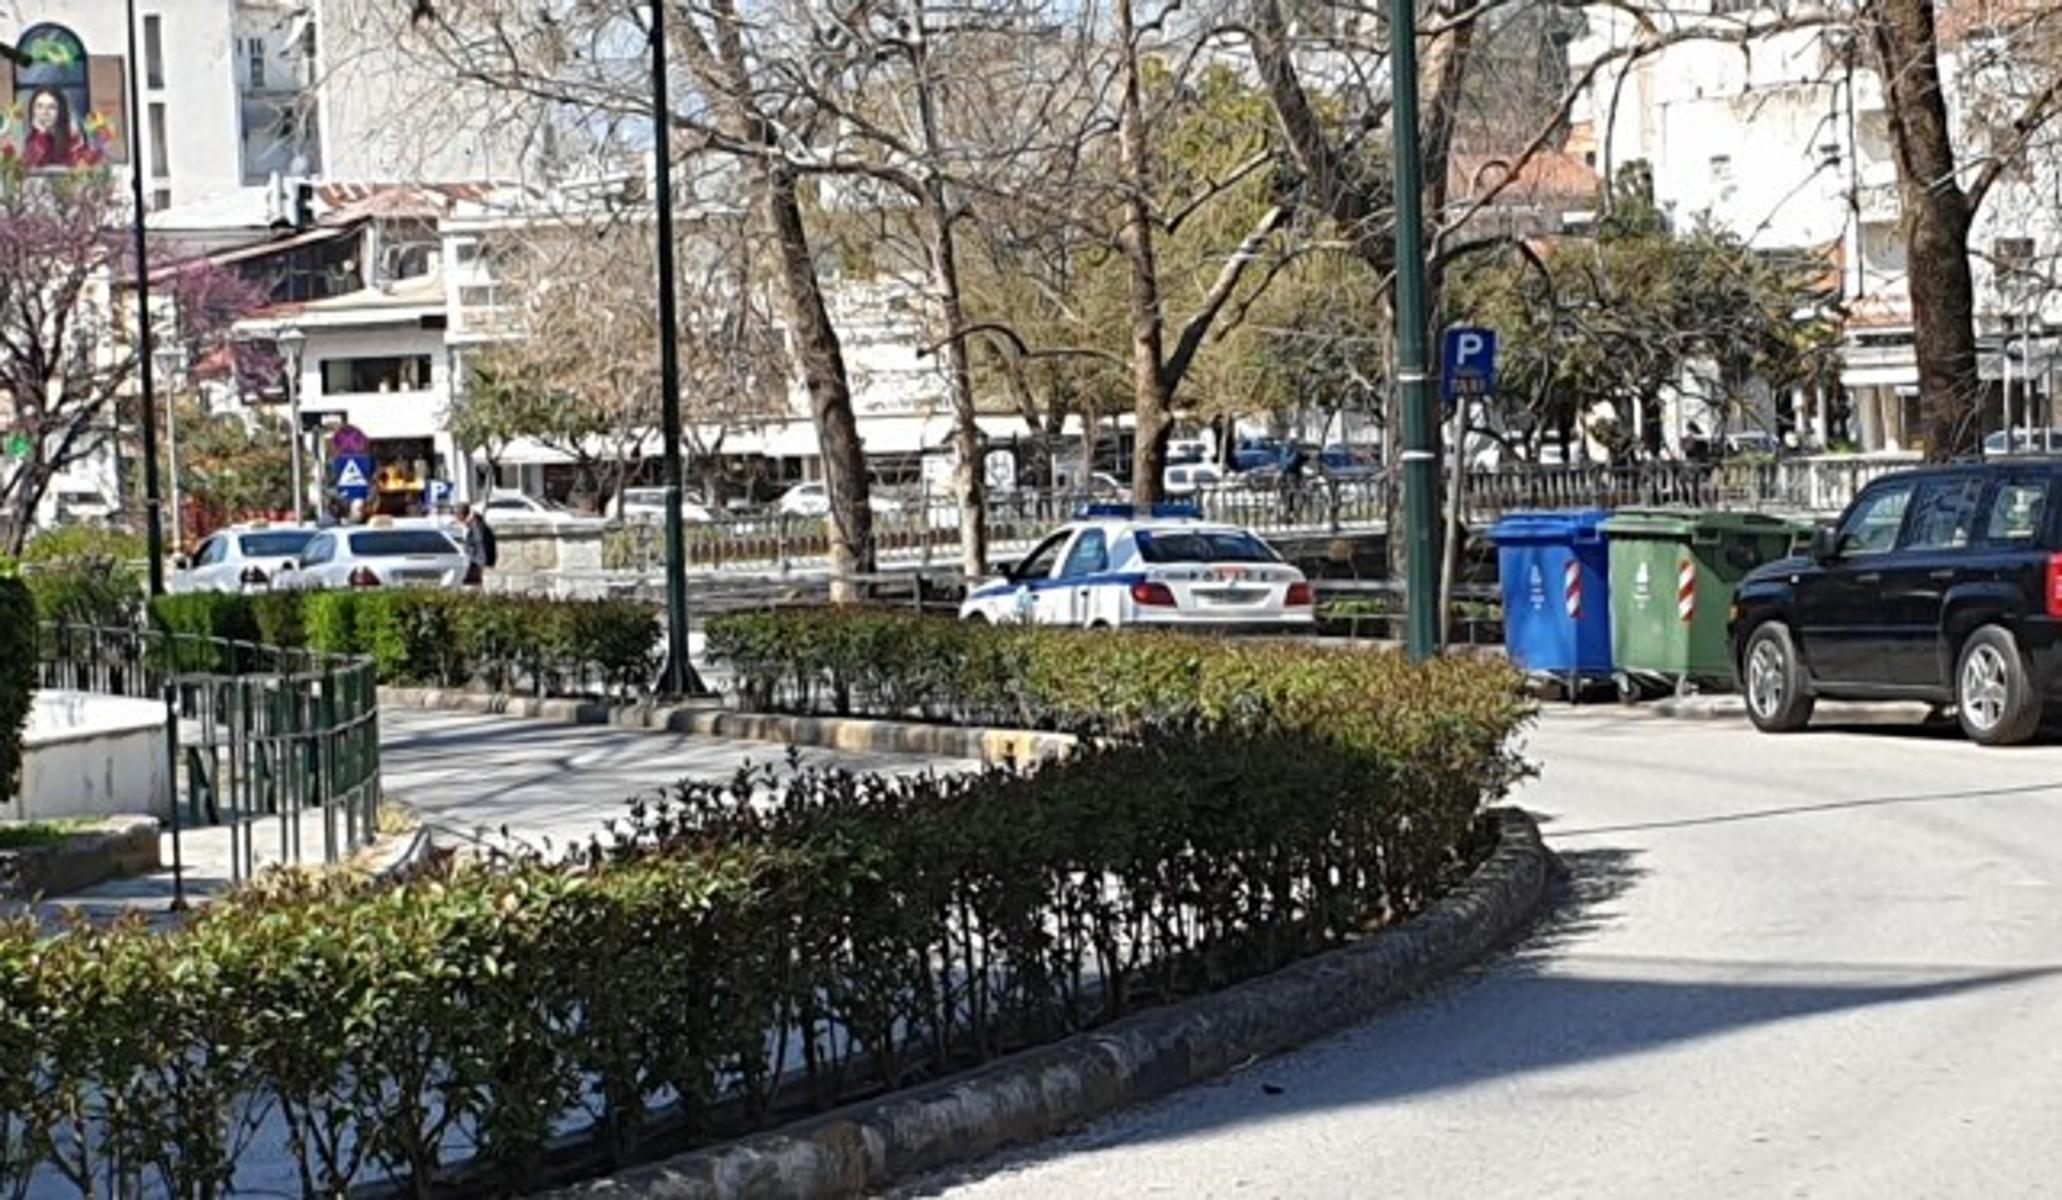 Κορονοϊός: Έδιωξαν τους παππούδες από τις πλατείες των Τρικάλων